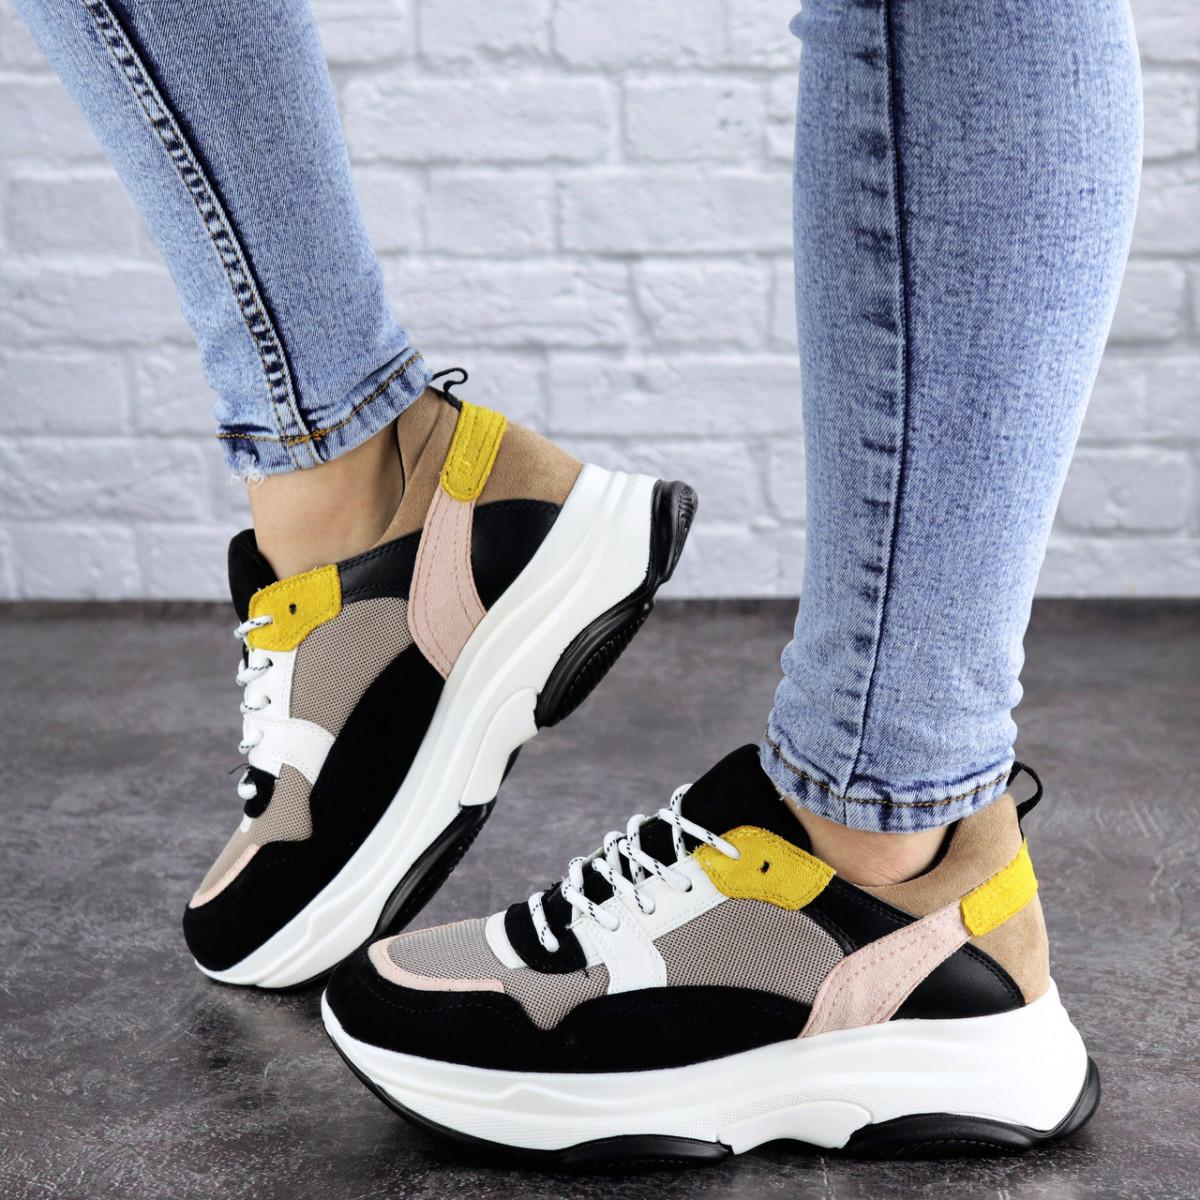 Жіночі різнокольорові кросівки Fashion Pepita 2043 36 розмір 23 см Чорний